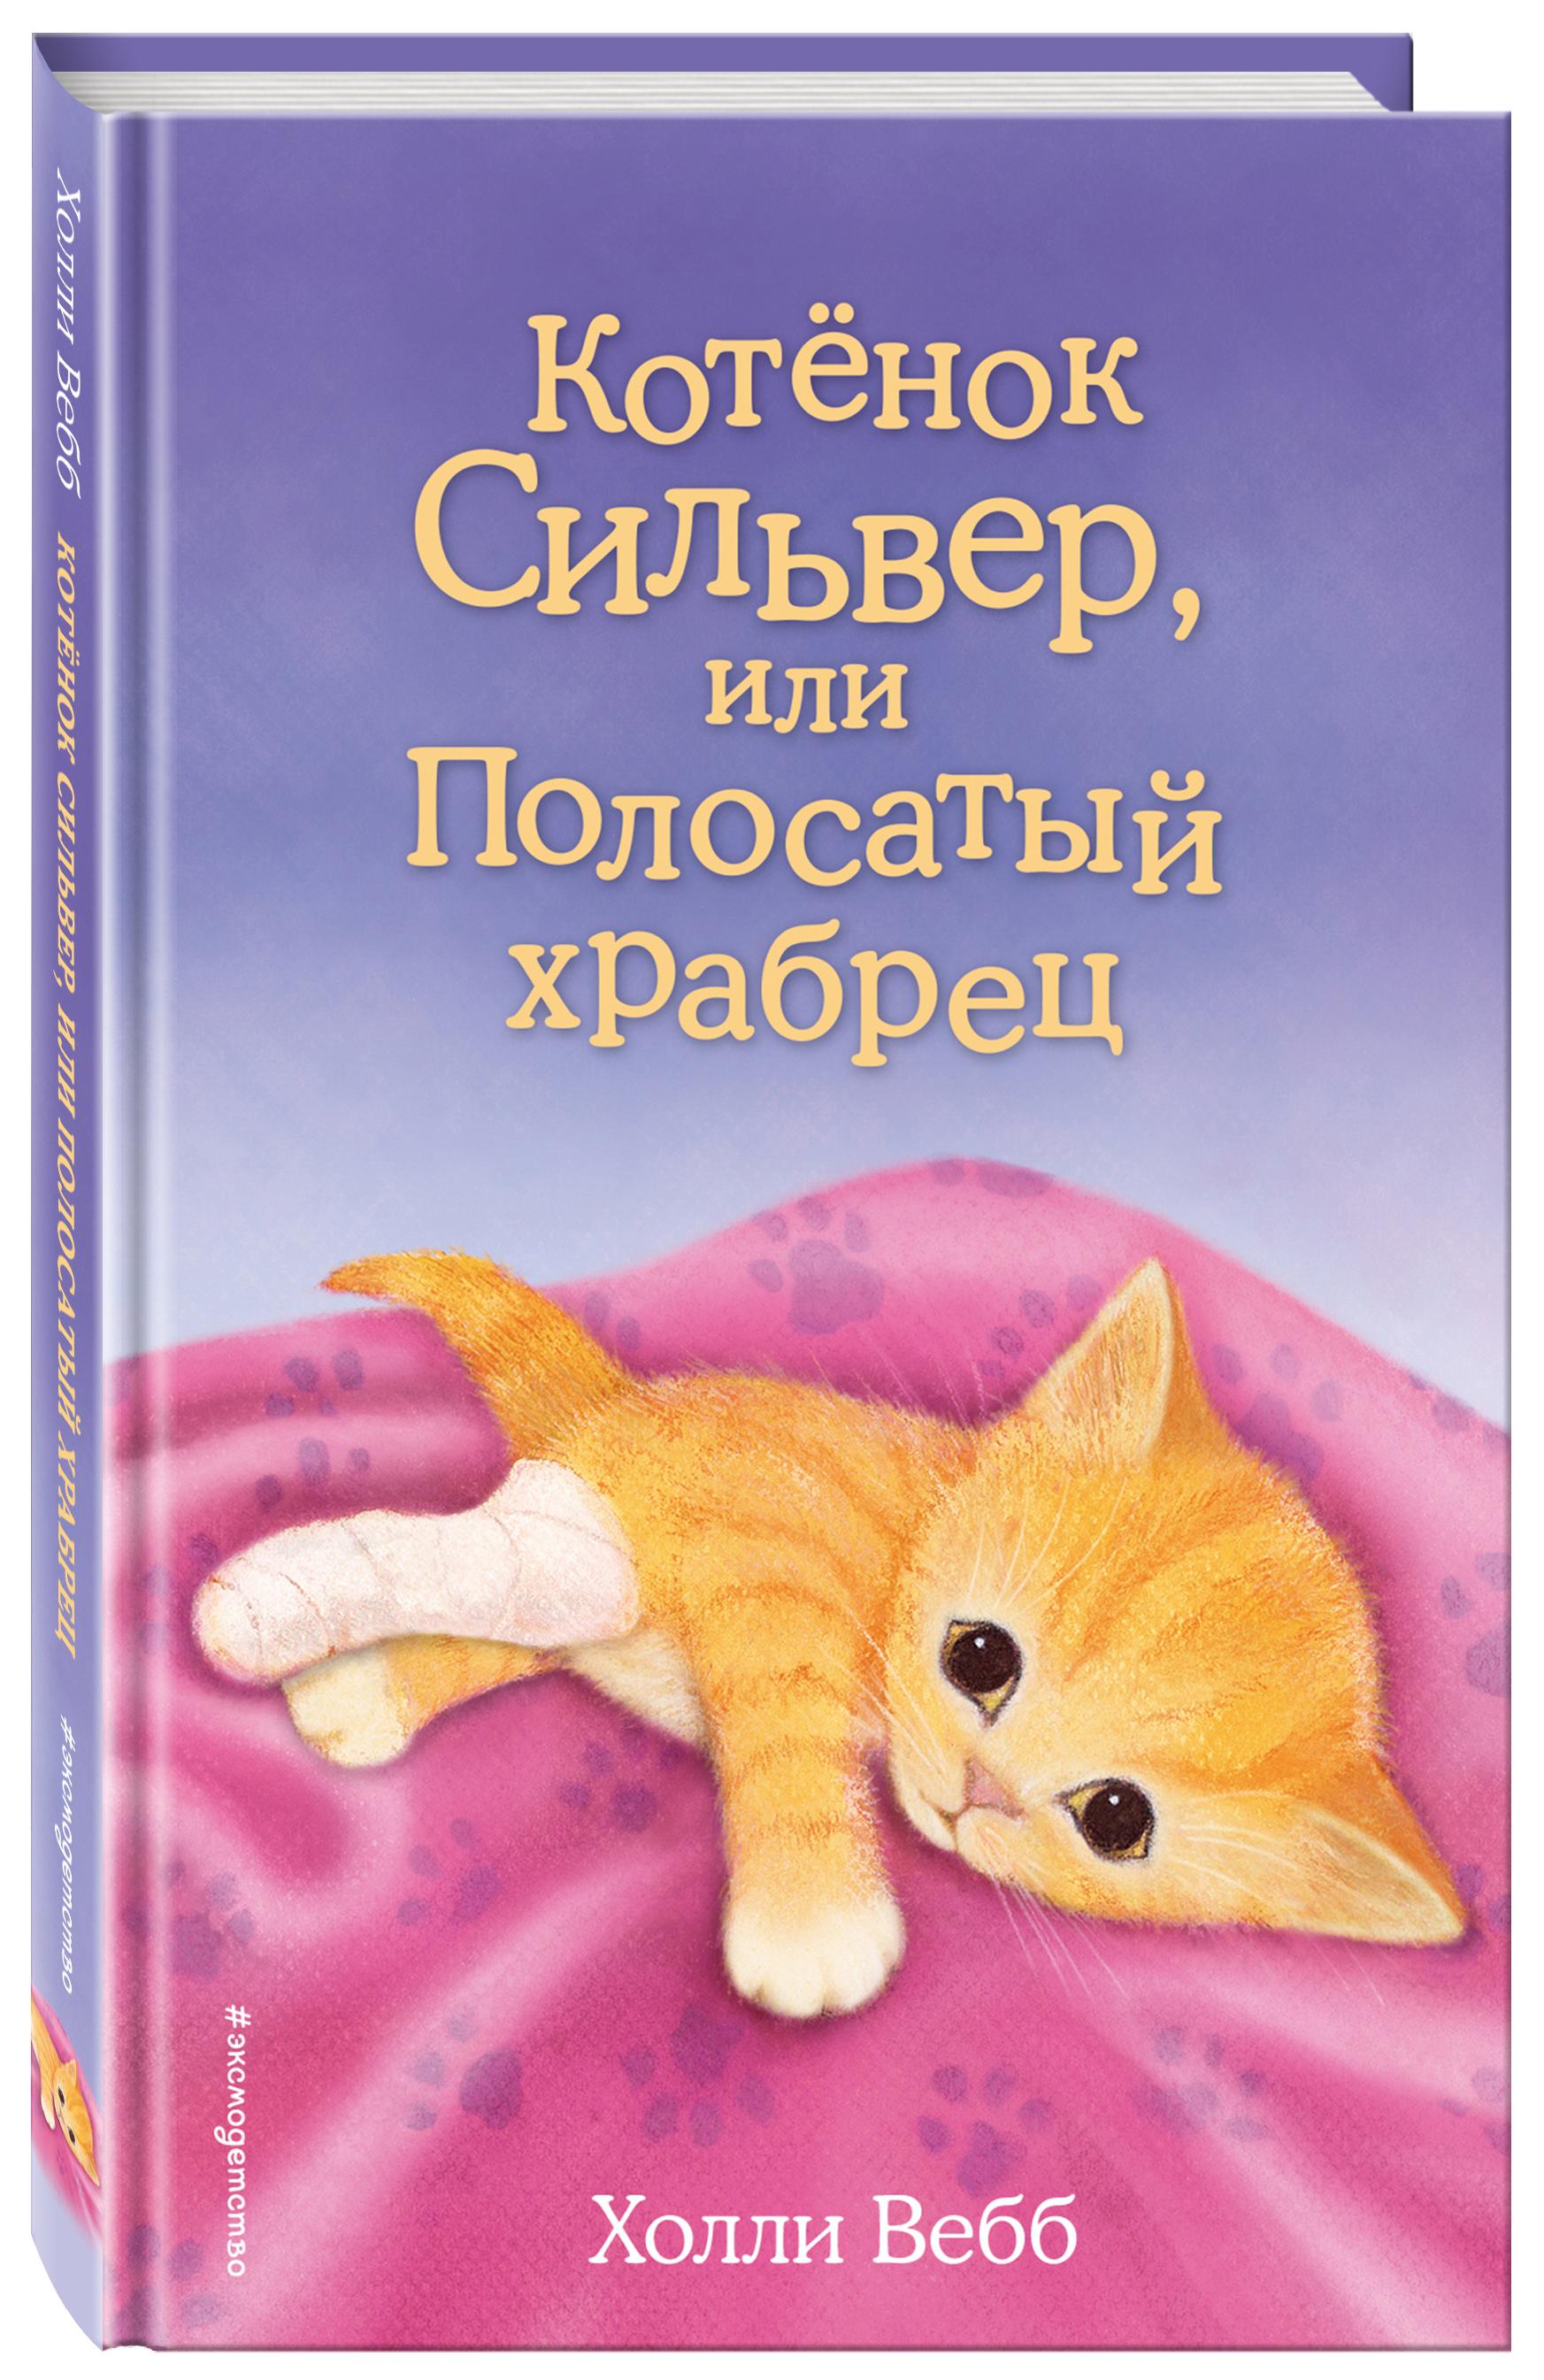 Котенок Сильвер, или Полосатый храбрец ( Вебб Х  )